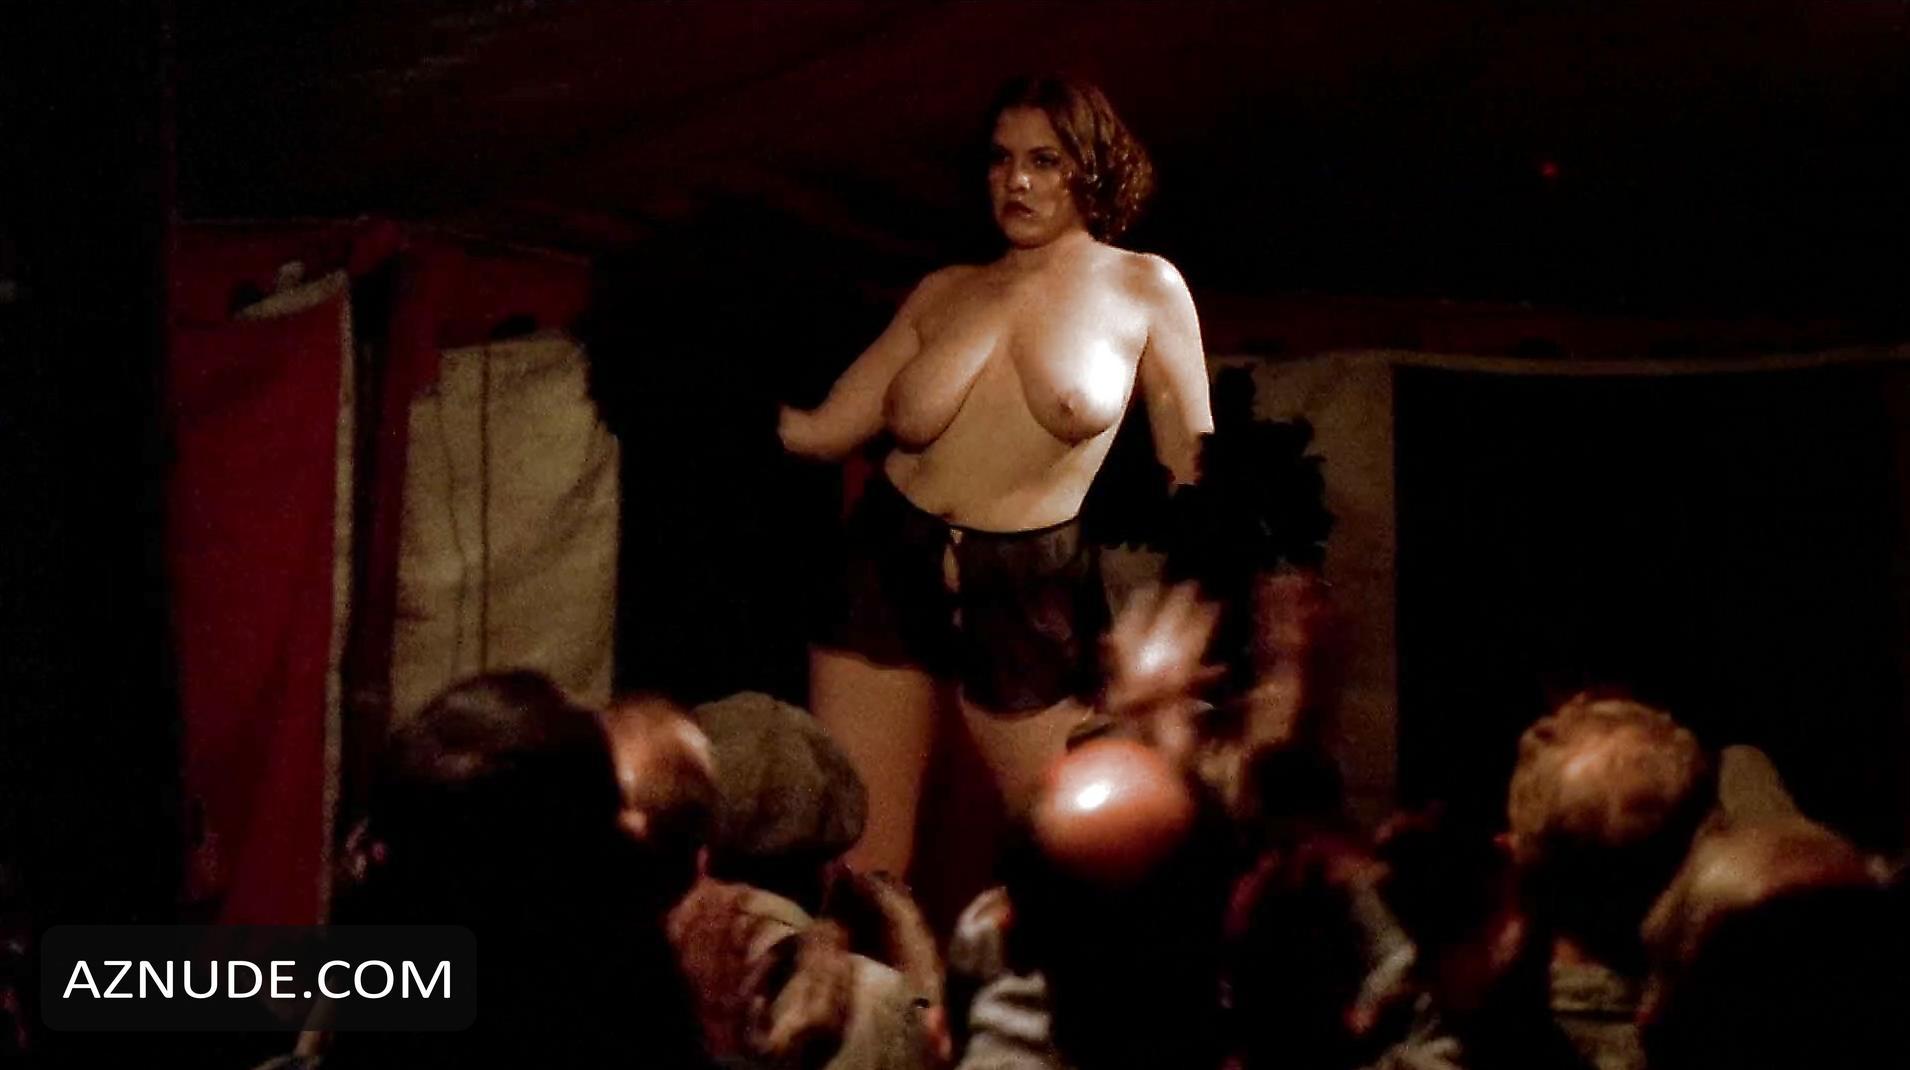 Naked Amanda Aday nude photos - edheatonphotocom